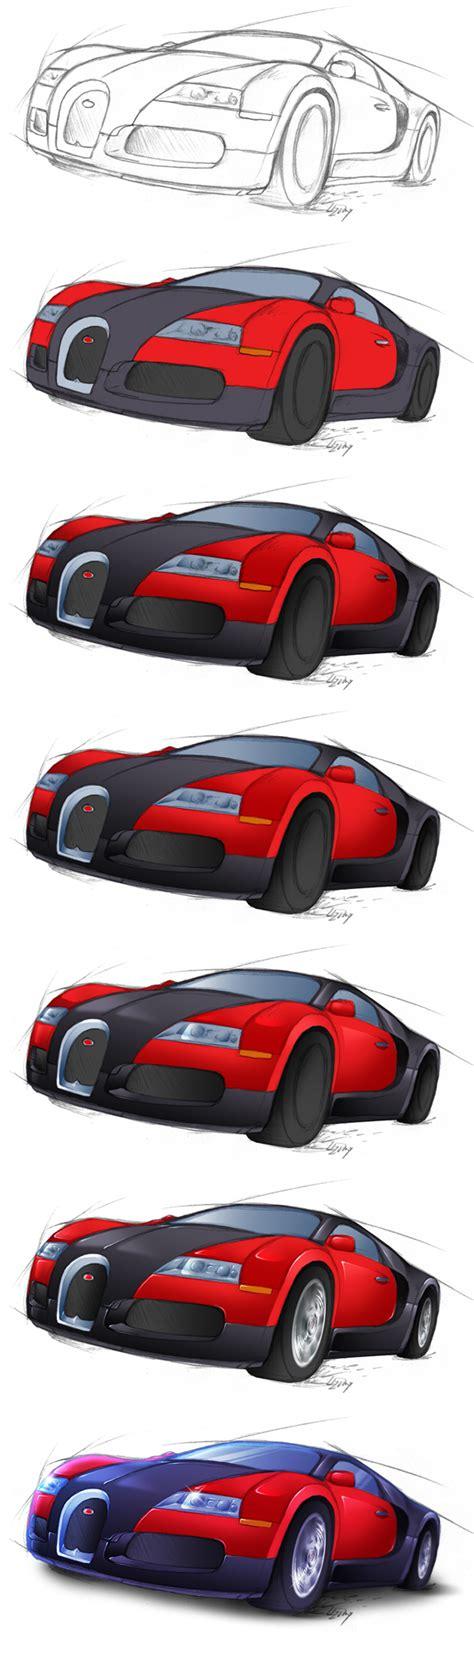 Bugatti veyron bugatti cars lamborghini lowrider drawings car drawings car drawing pencil pencil drawings mustang drawing cars coloring pages. Bugatti Veyron - Steps by Lizkay on DeviantArt